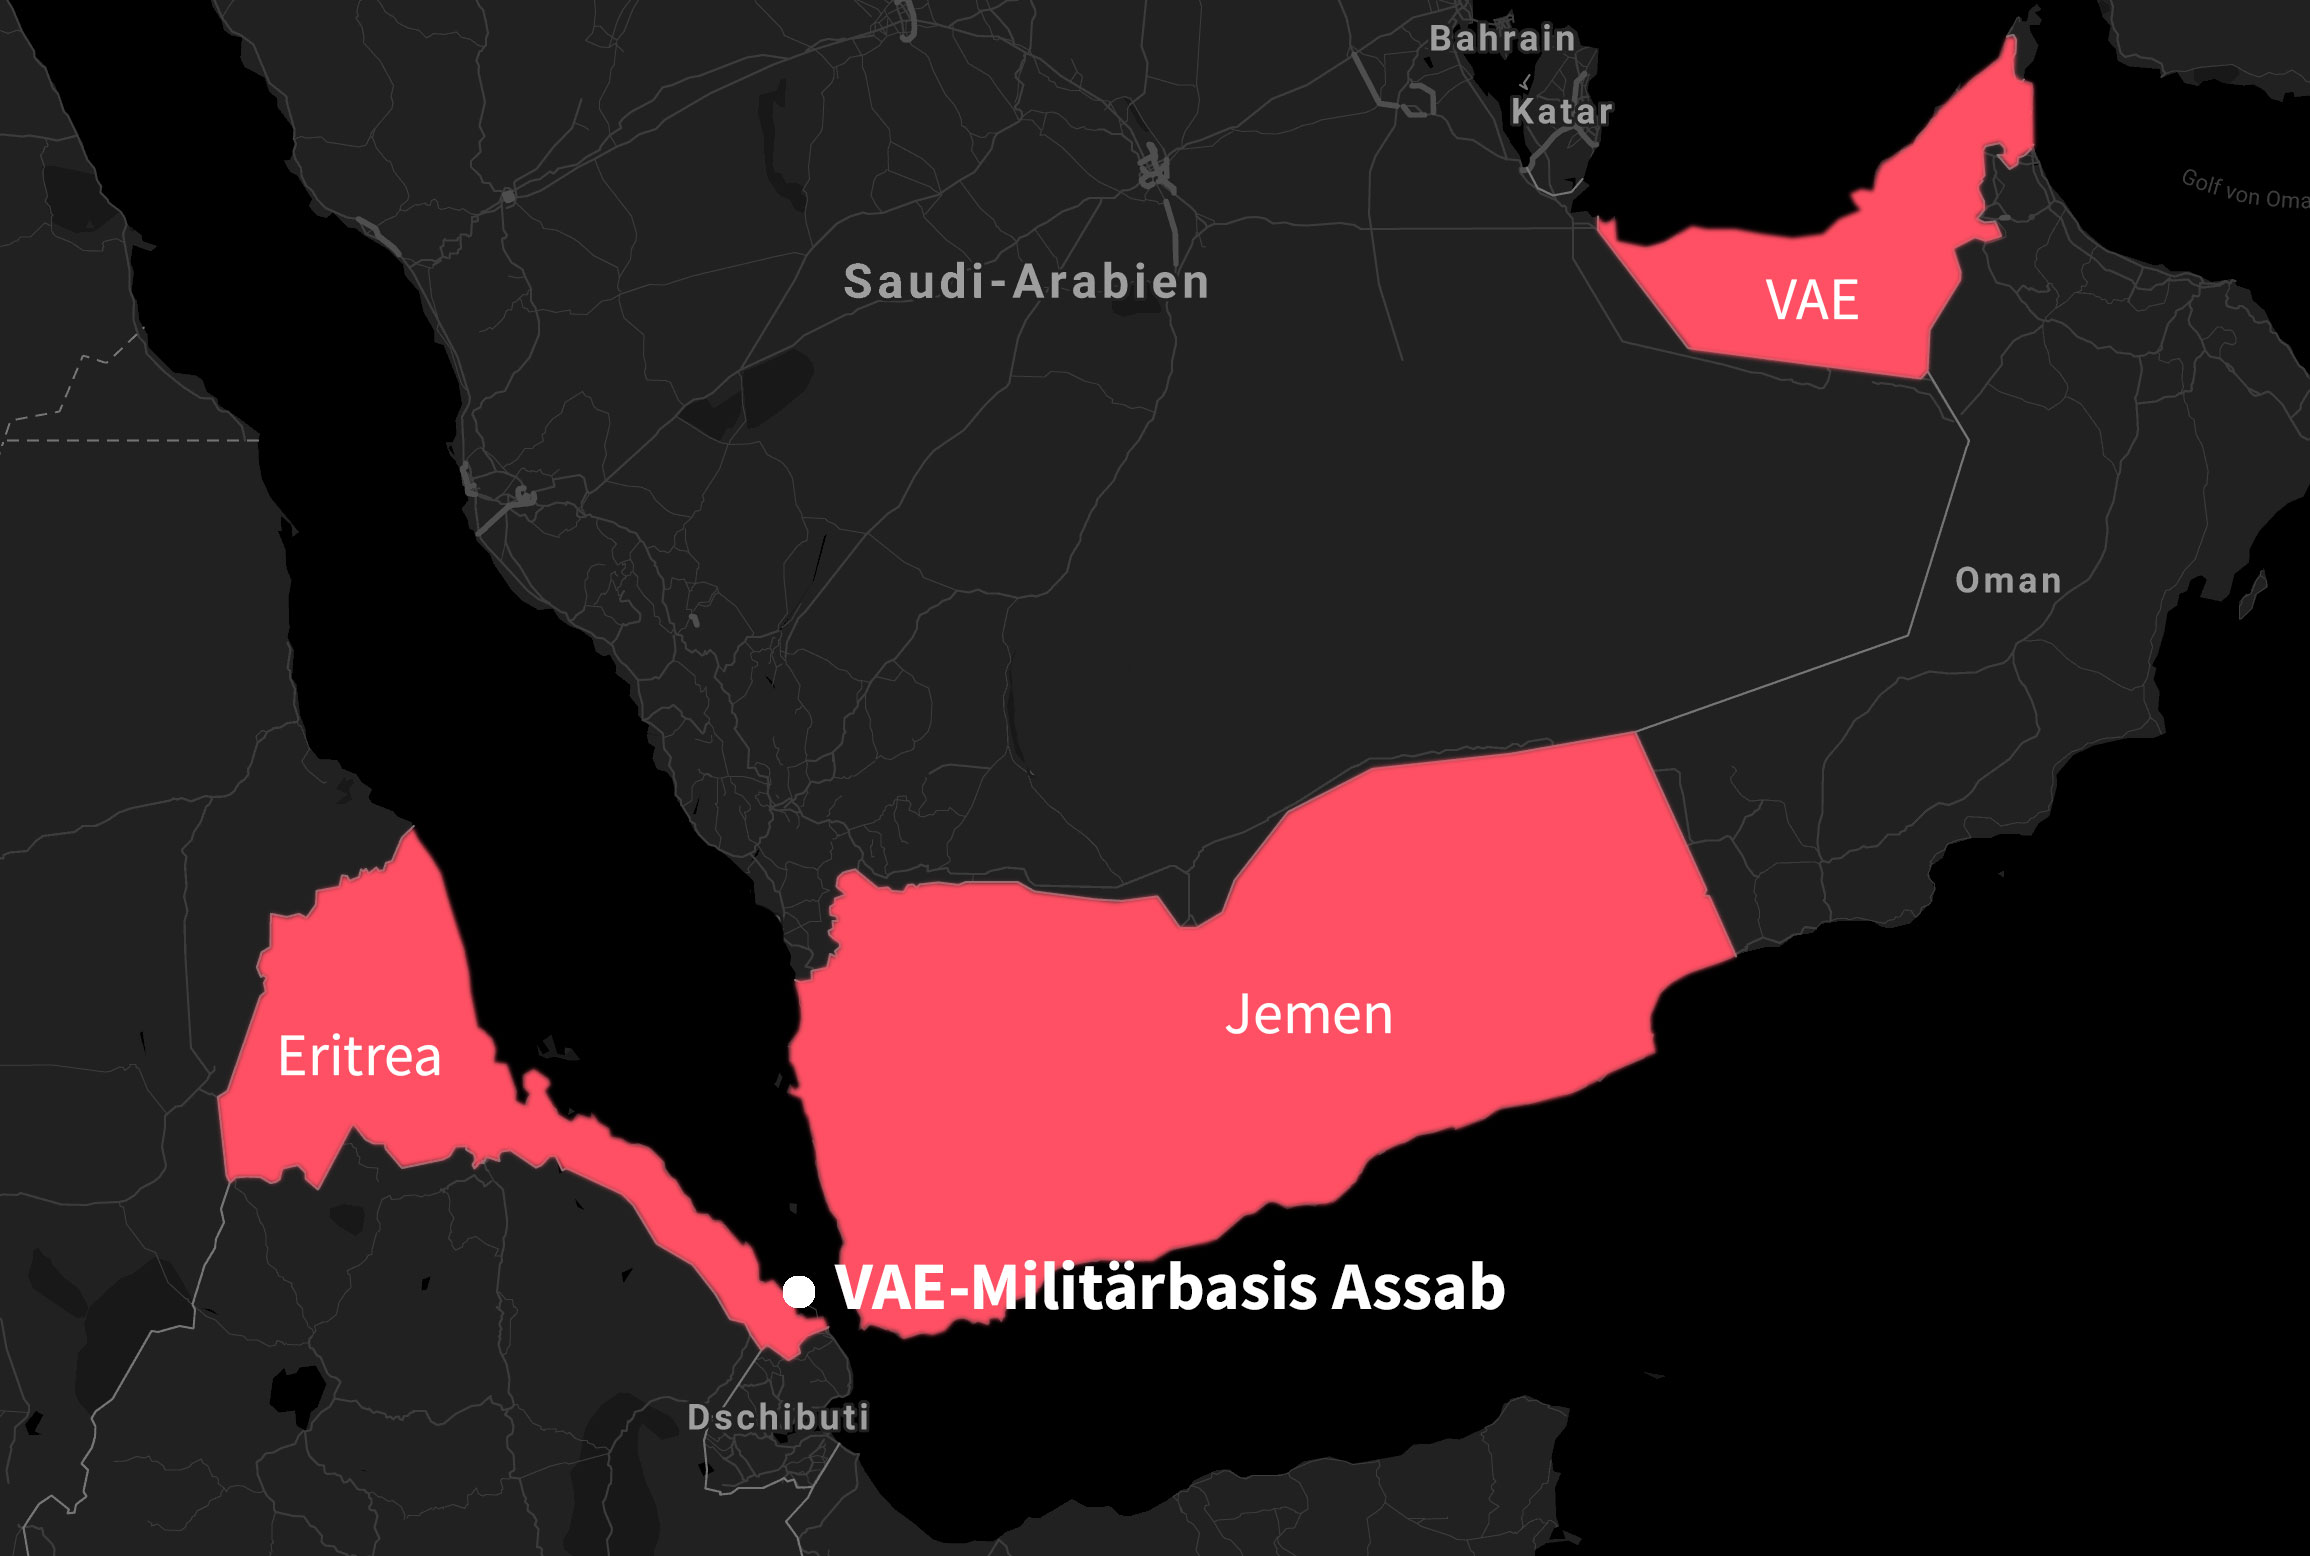 Rheinmetall wollte Kriegsschiff in Embargoland Eritrea aufrüsten